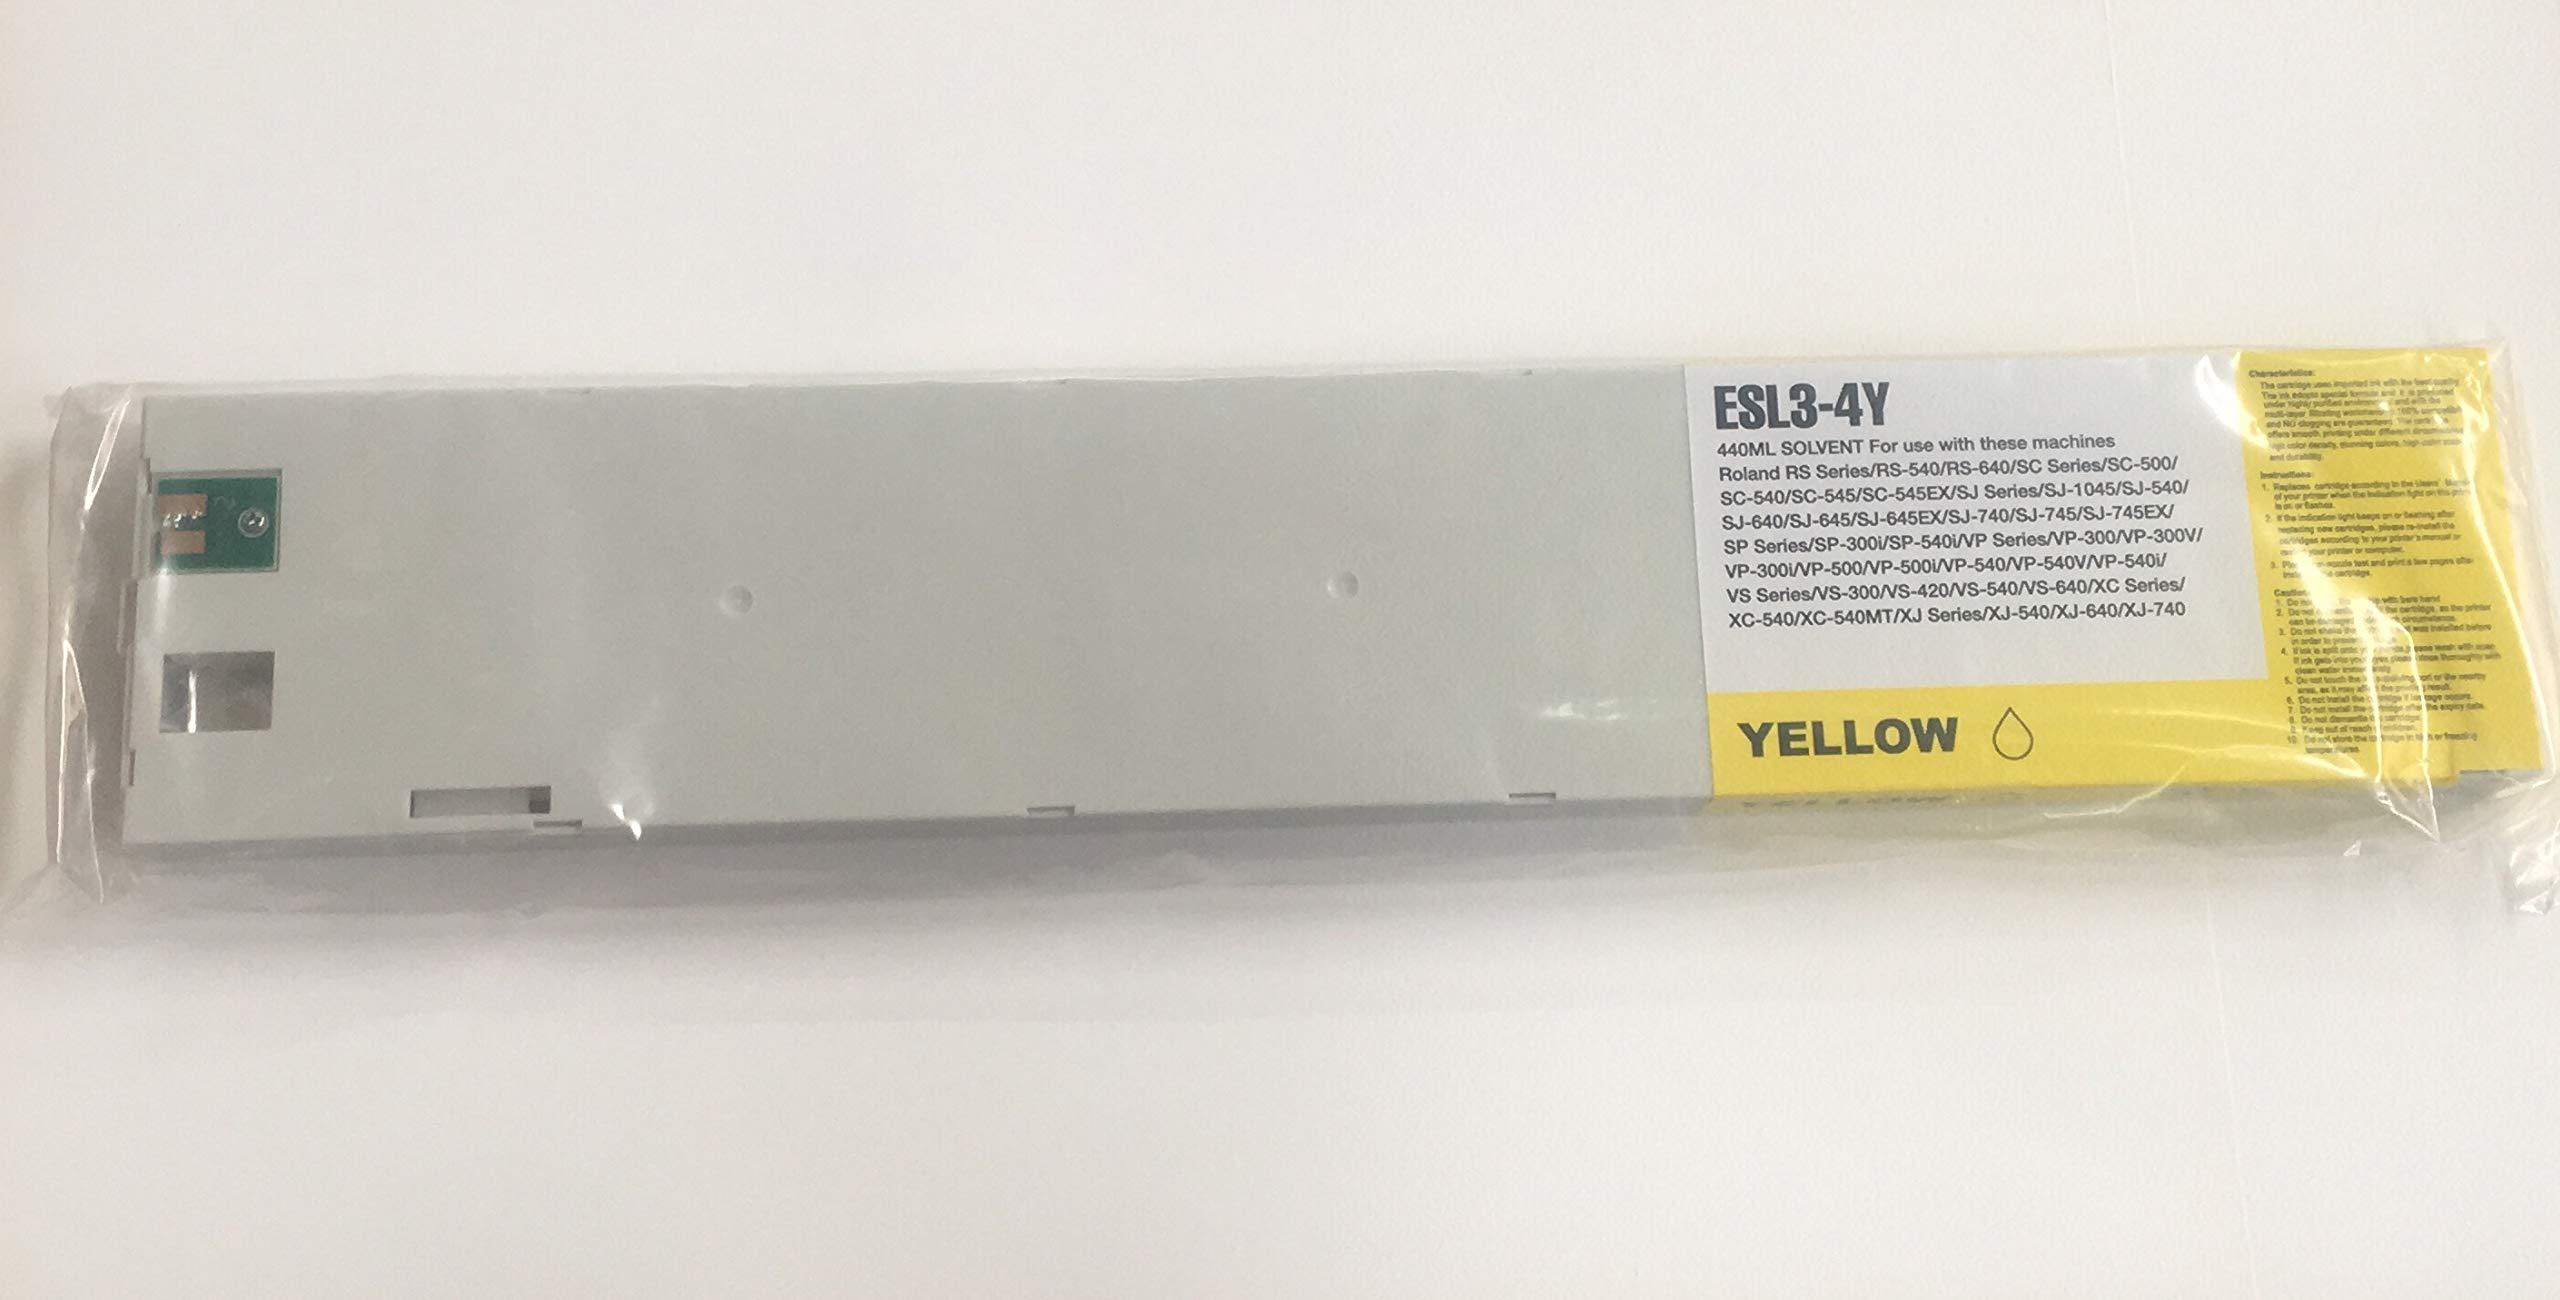 Mr Cartridge Cartucho Compatible con Tinta pigmentada para Plotter Roland Esl3-4 Amarillo: Amazon.es: Electrónica